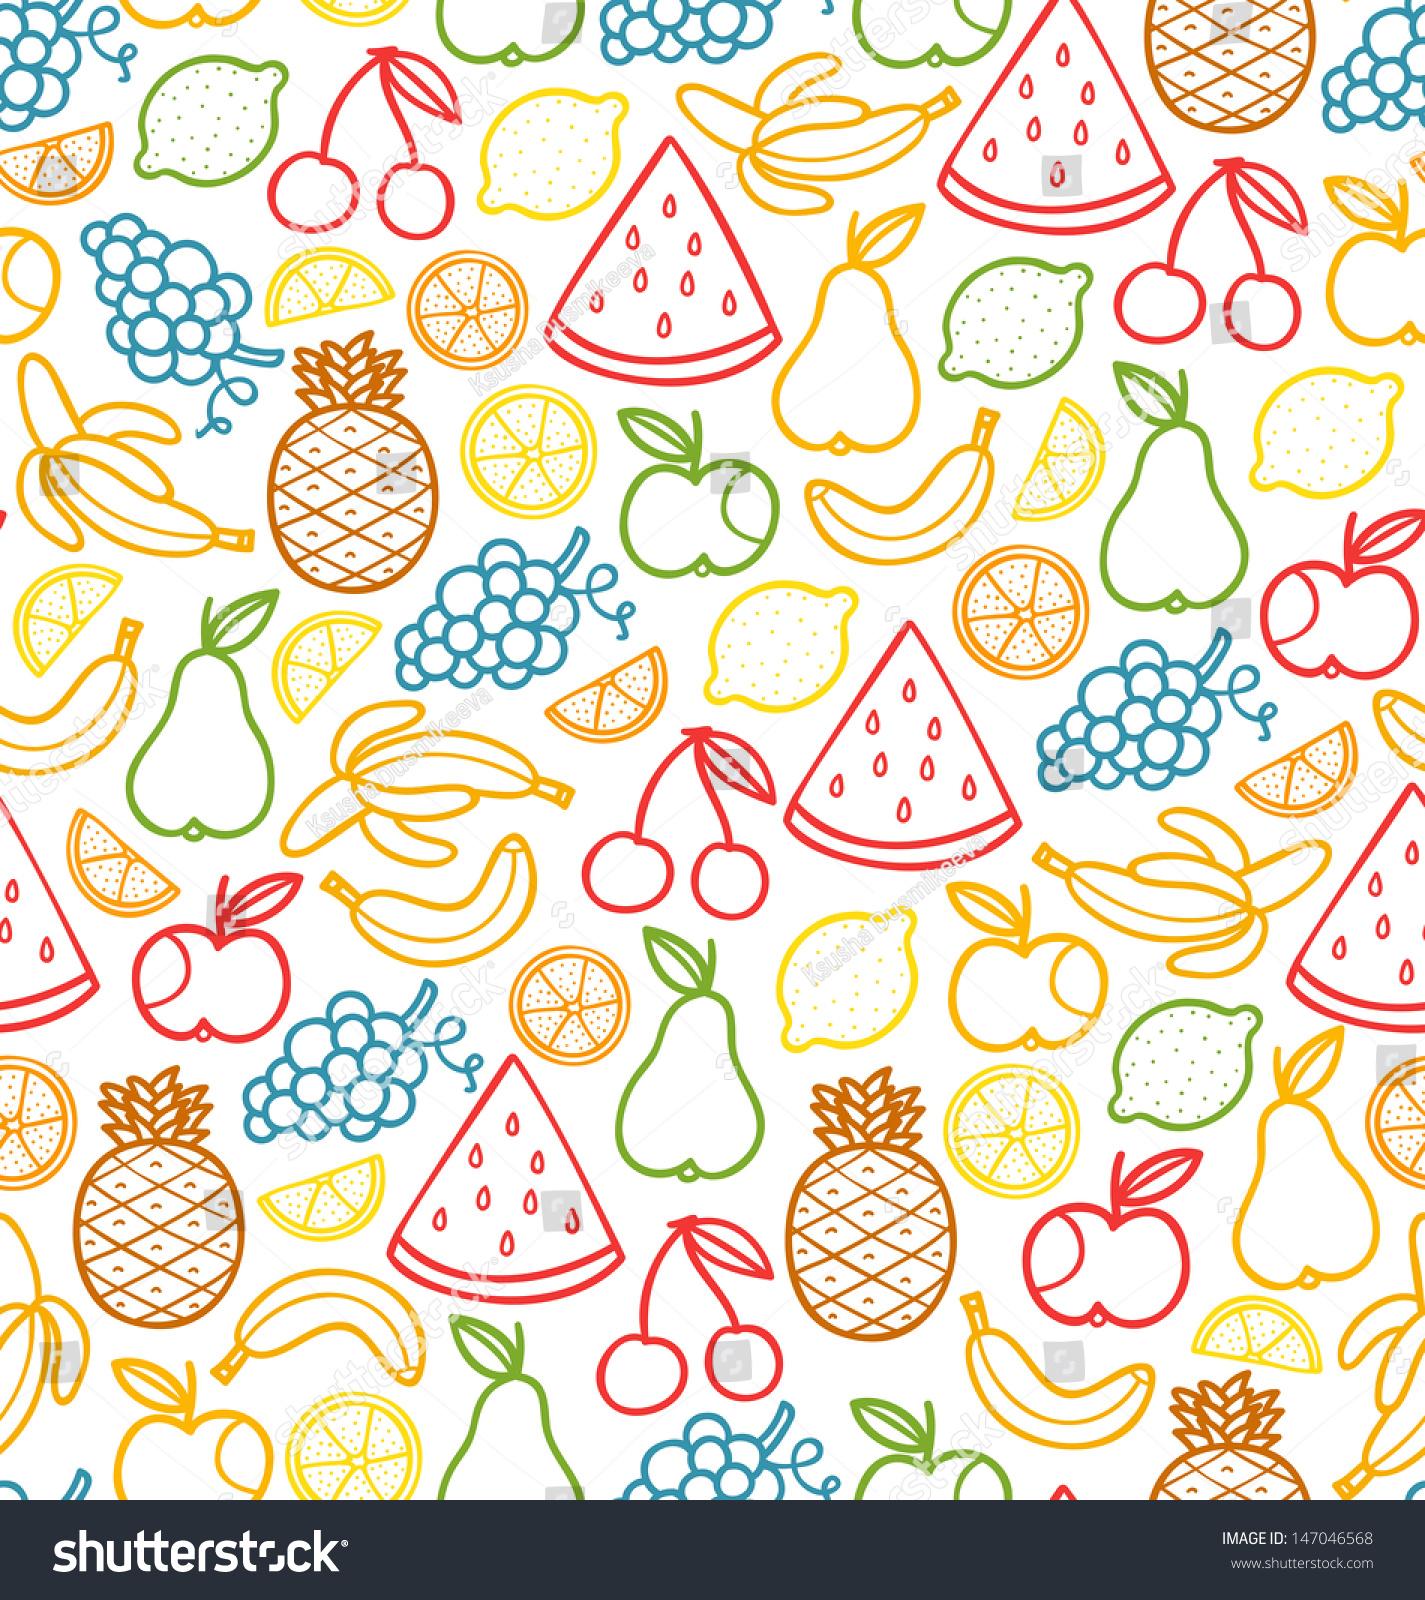 无缝模式与涂鸦多汁的水果-背景/素材